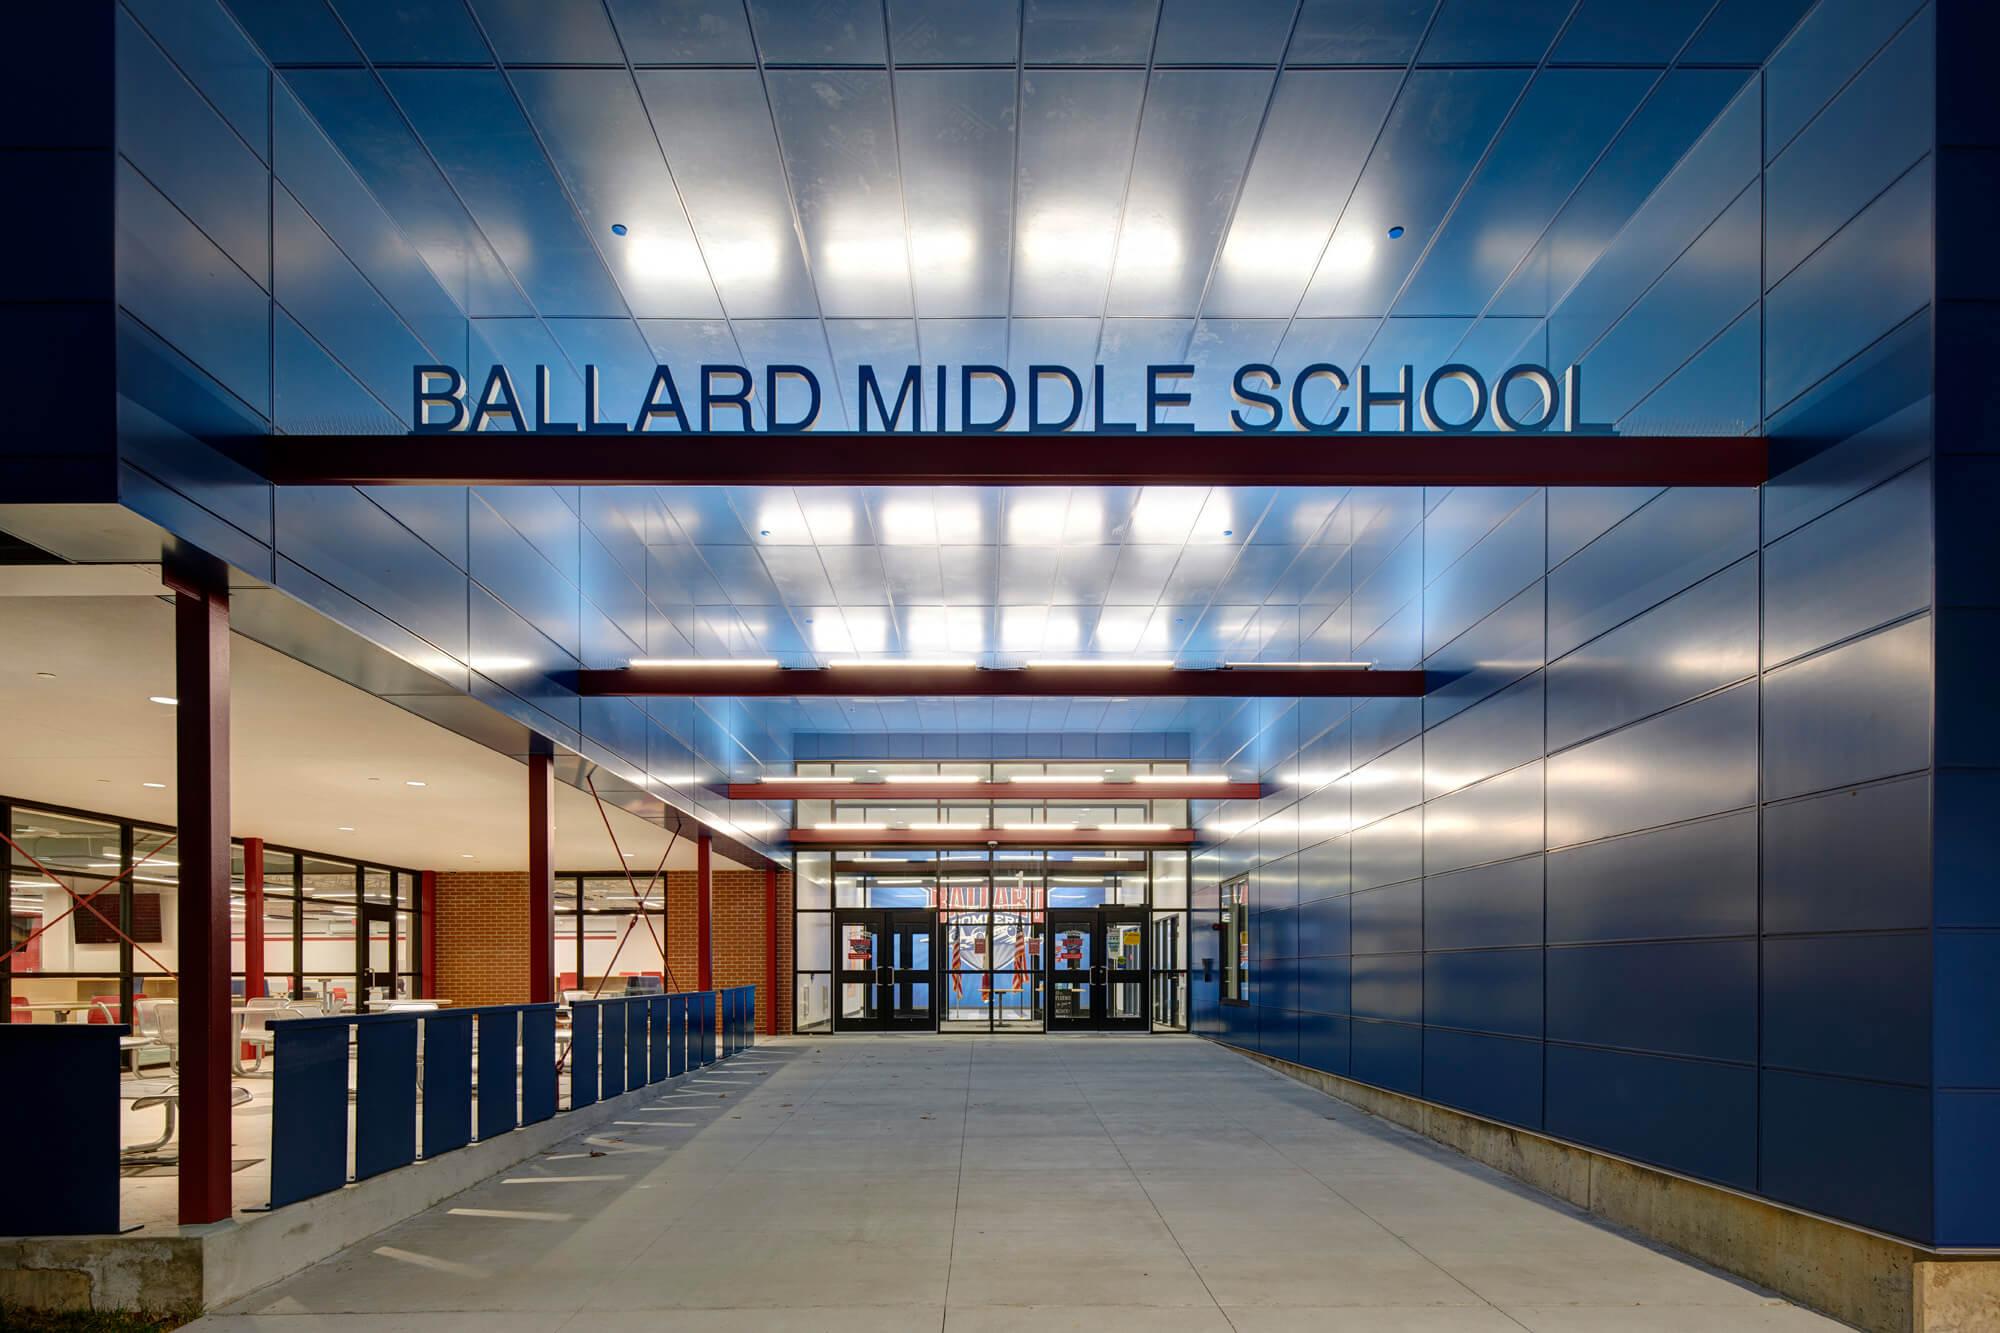 10Fold-0321-BallardMiddleSchool_330_200806_Dusk4